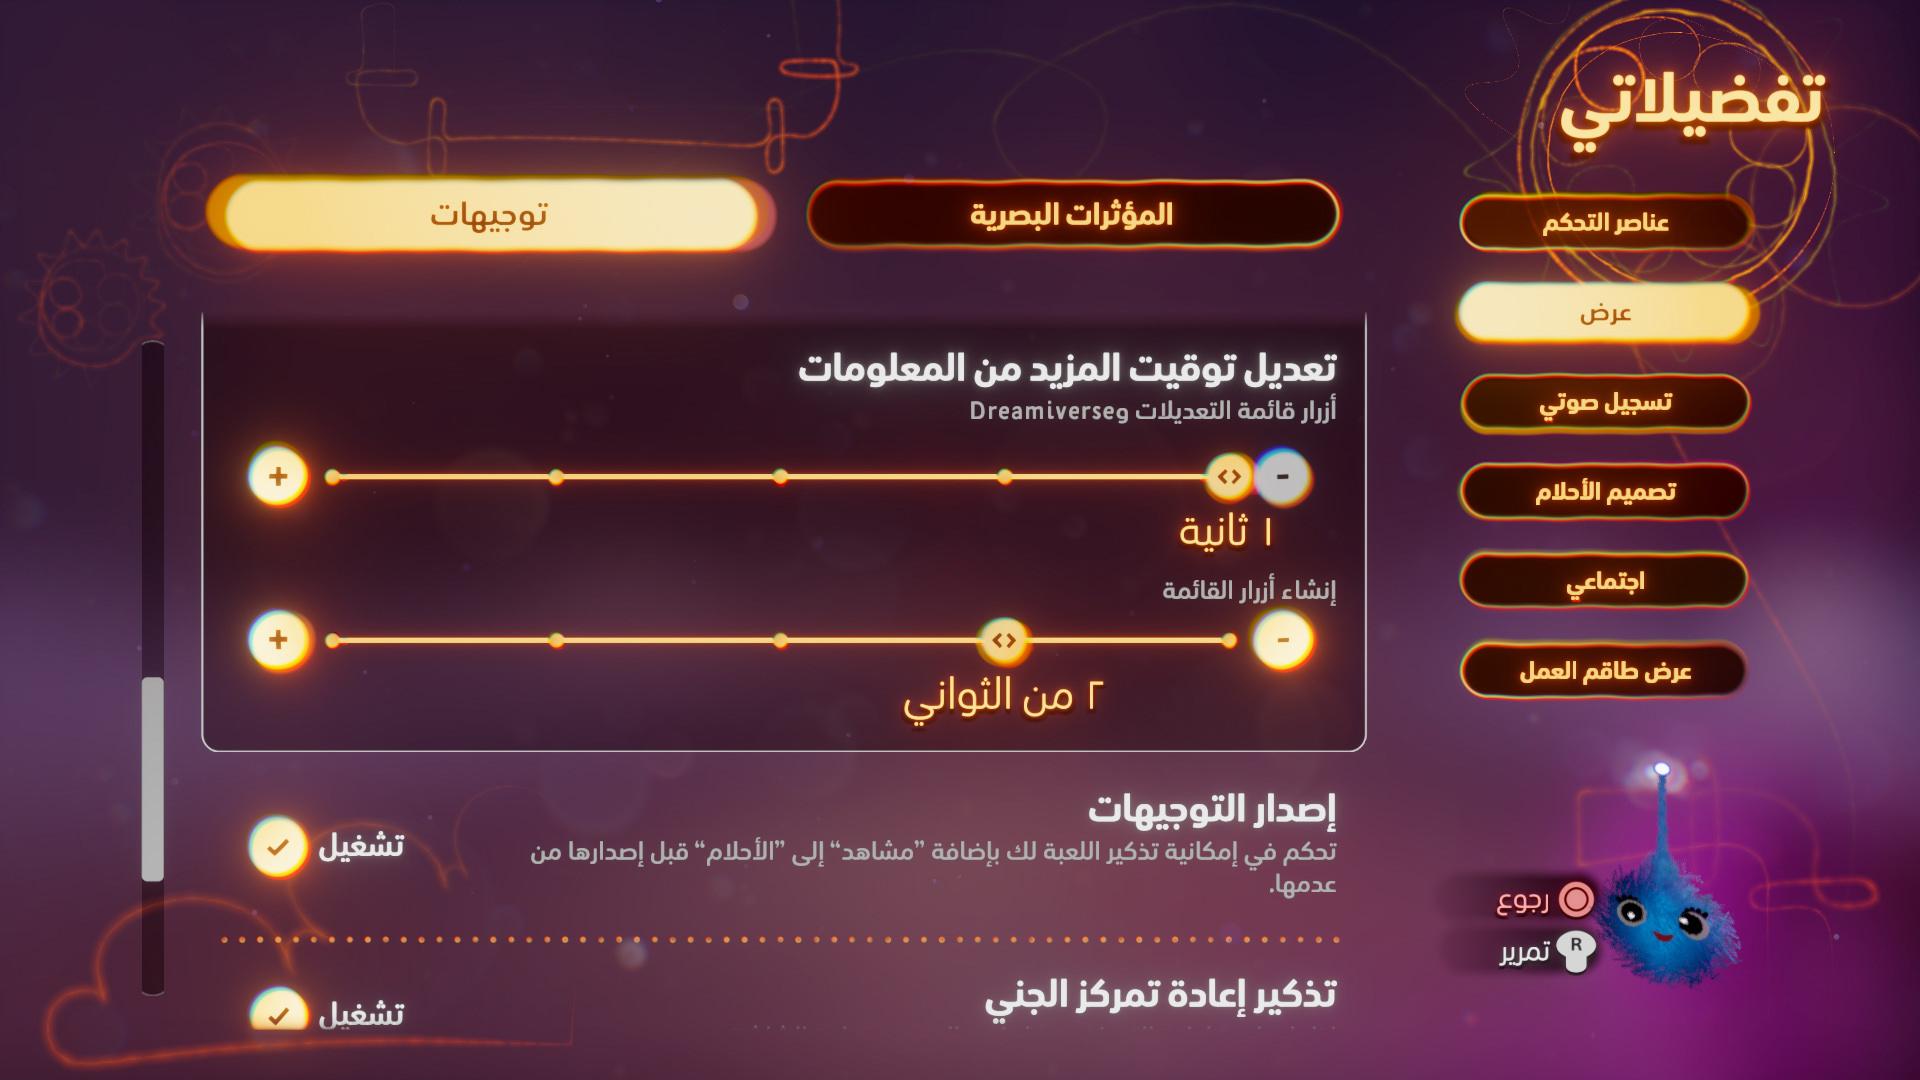 لقطة شاشة تُظهر خيارات التوجيه في قائمة التفضيلات